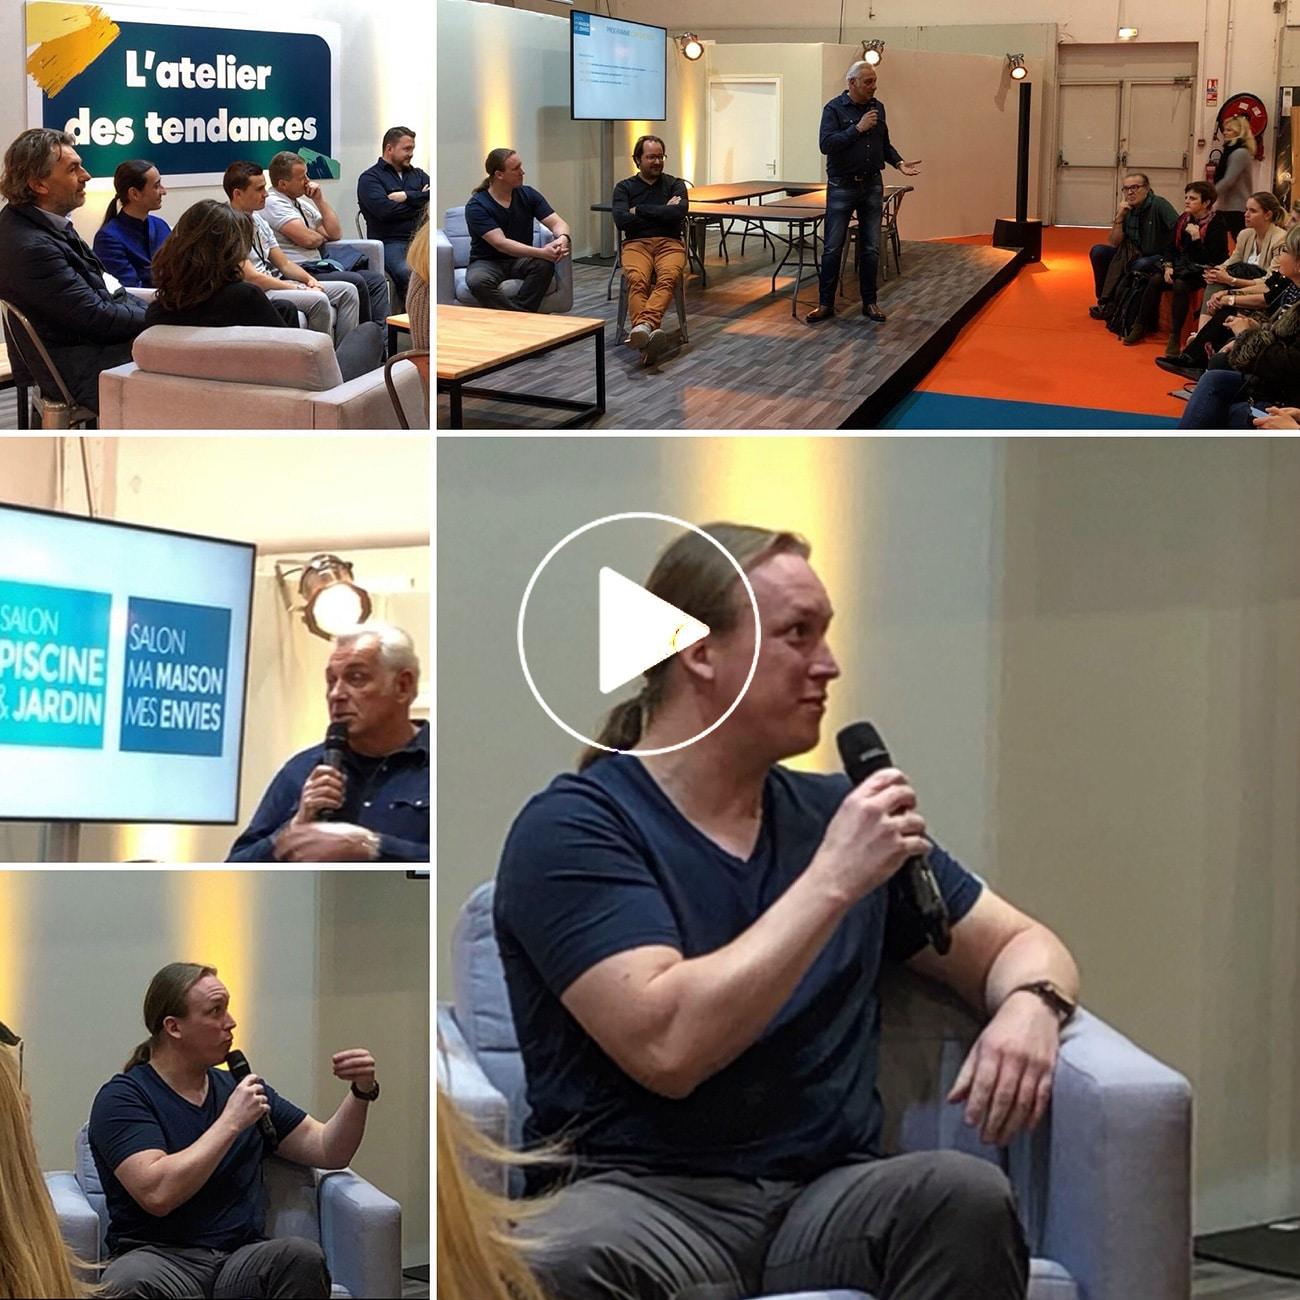 Atelier Naudier - interview Stéphane Thebaut - Maison france 5 - Salon Piscine et Jardin - Architecte Paysagiste Montpellier et Aix en Provence